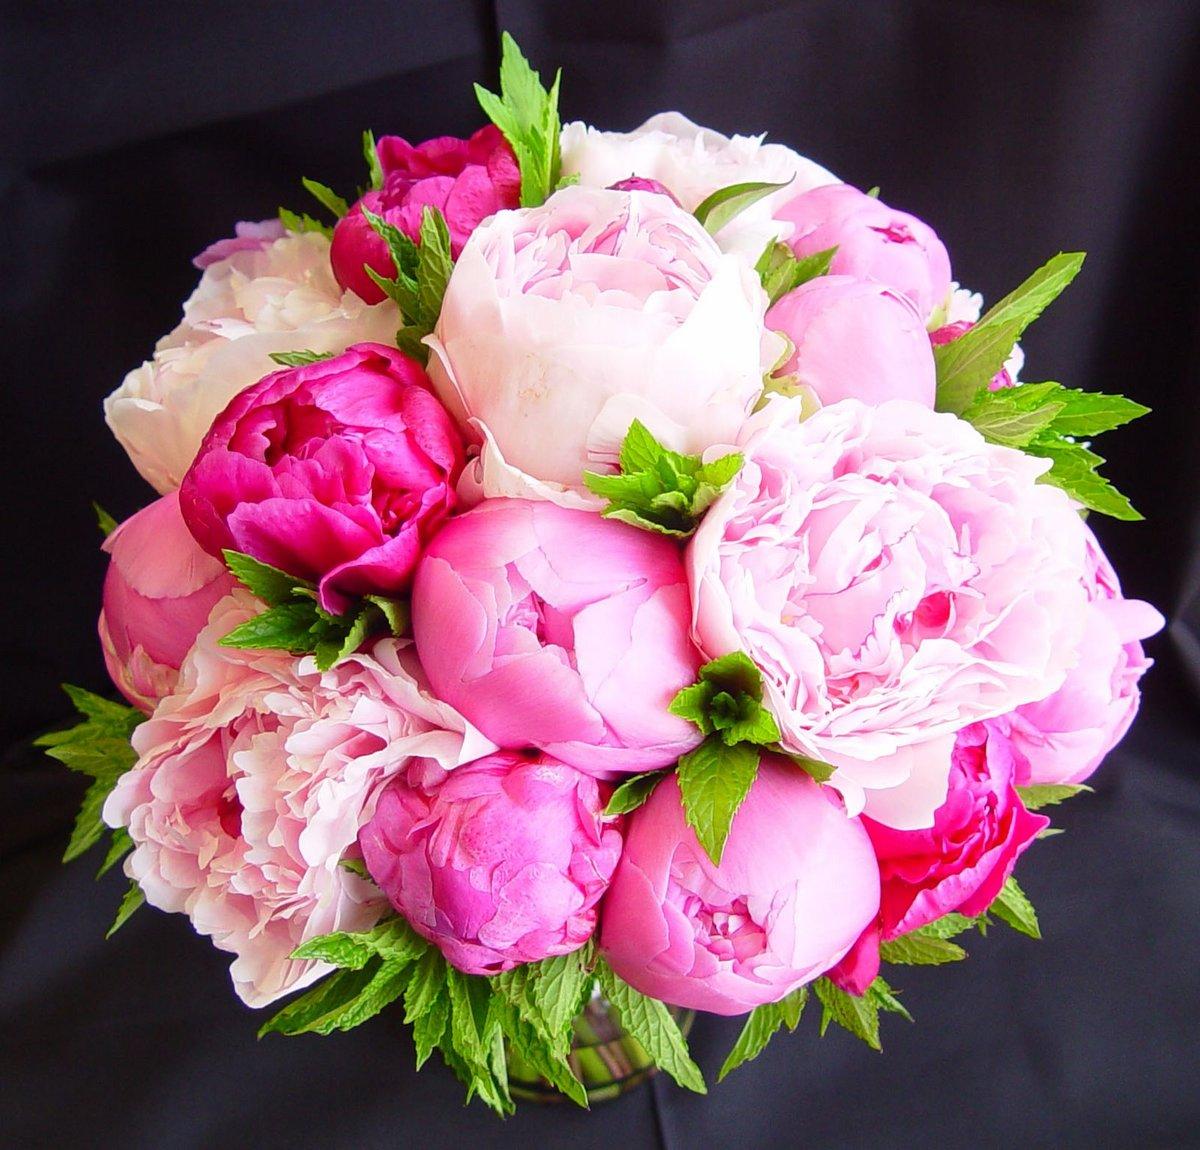 Картинки букетов пионы цветов